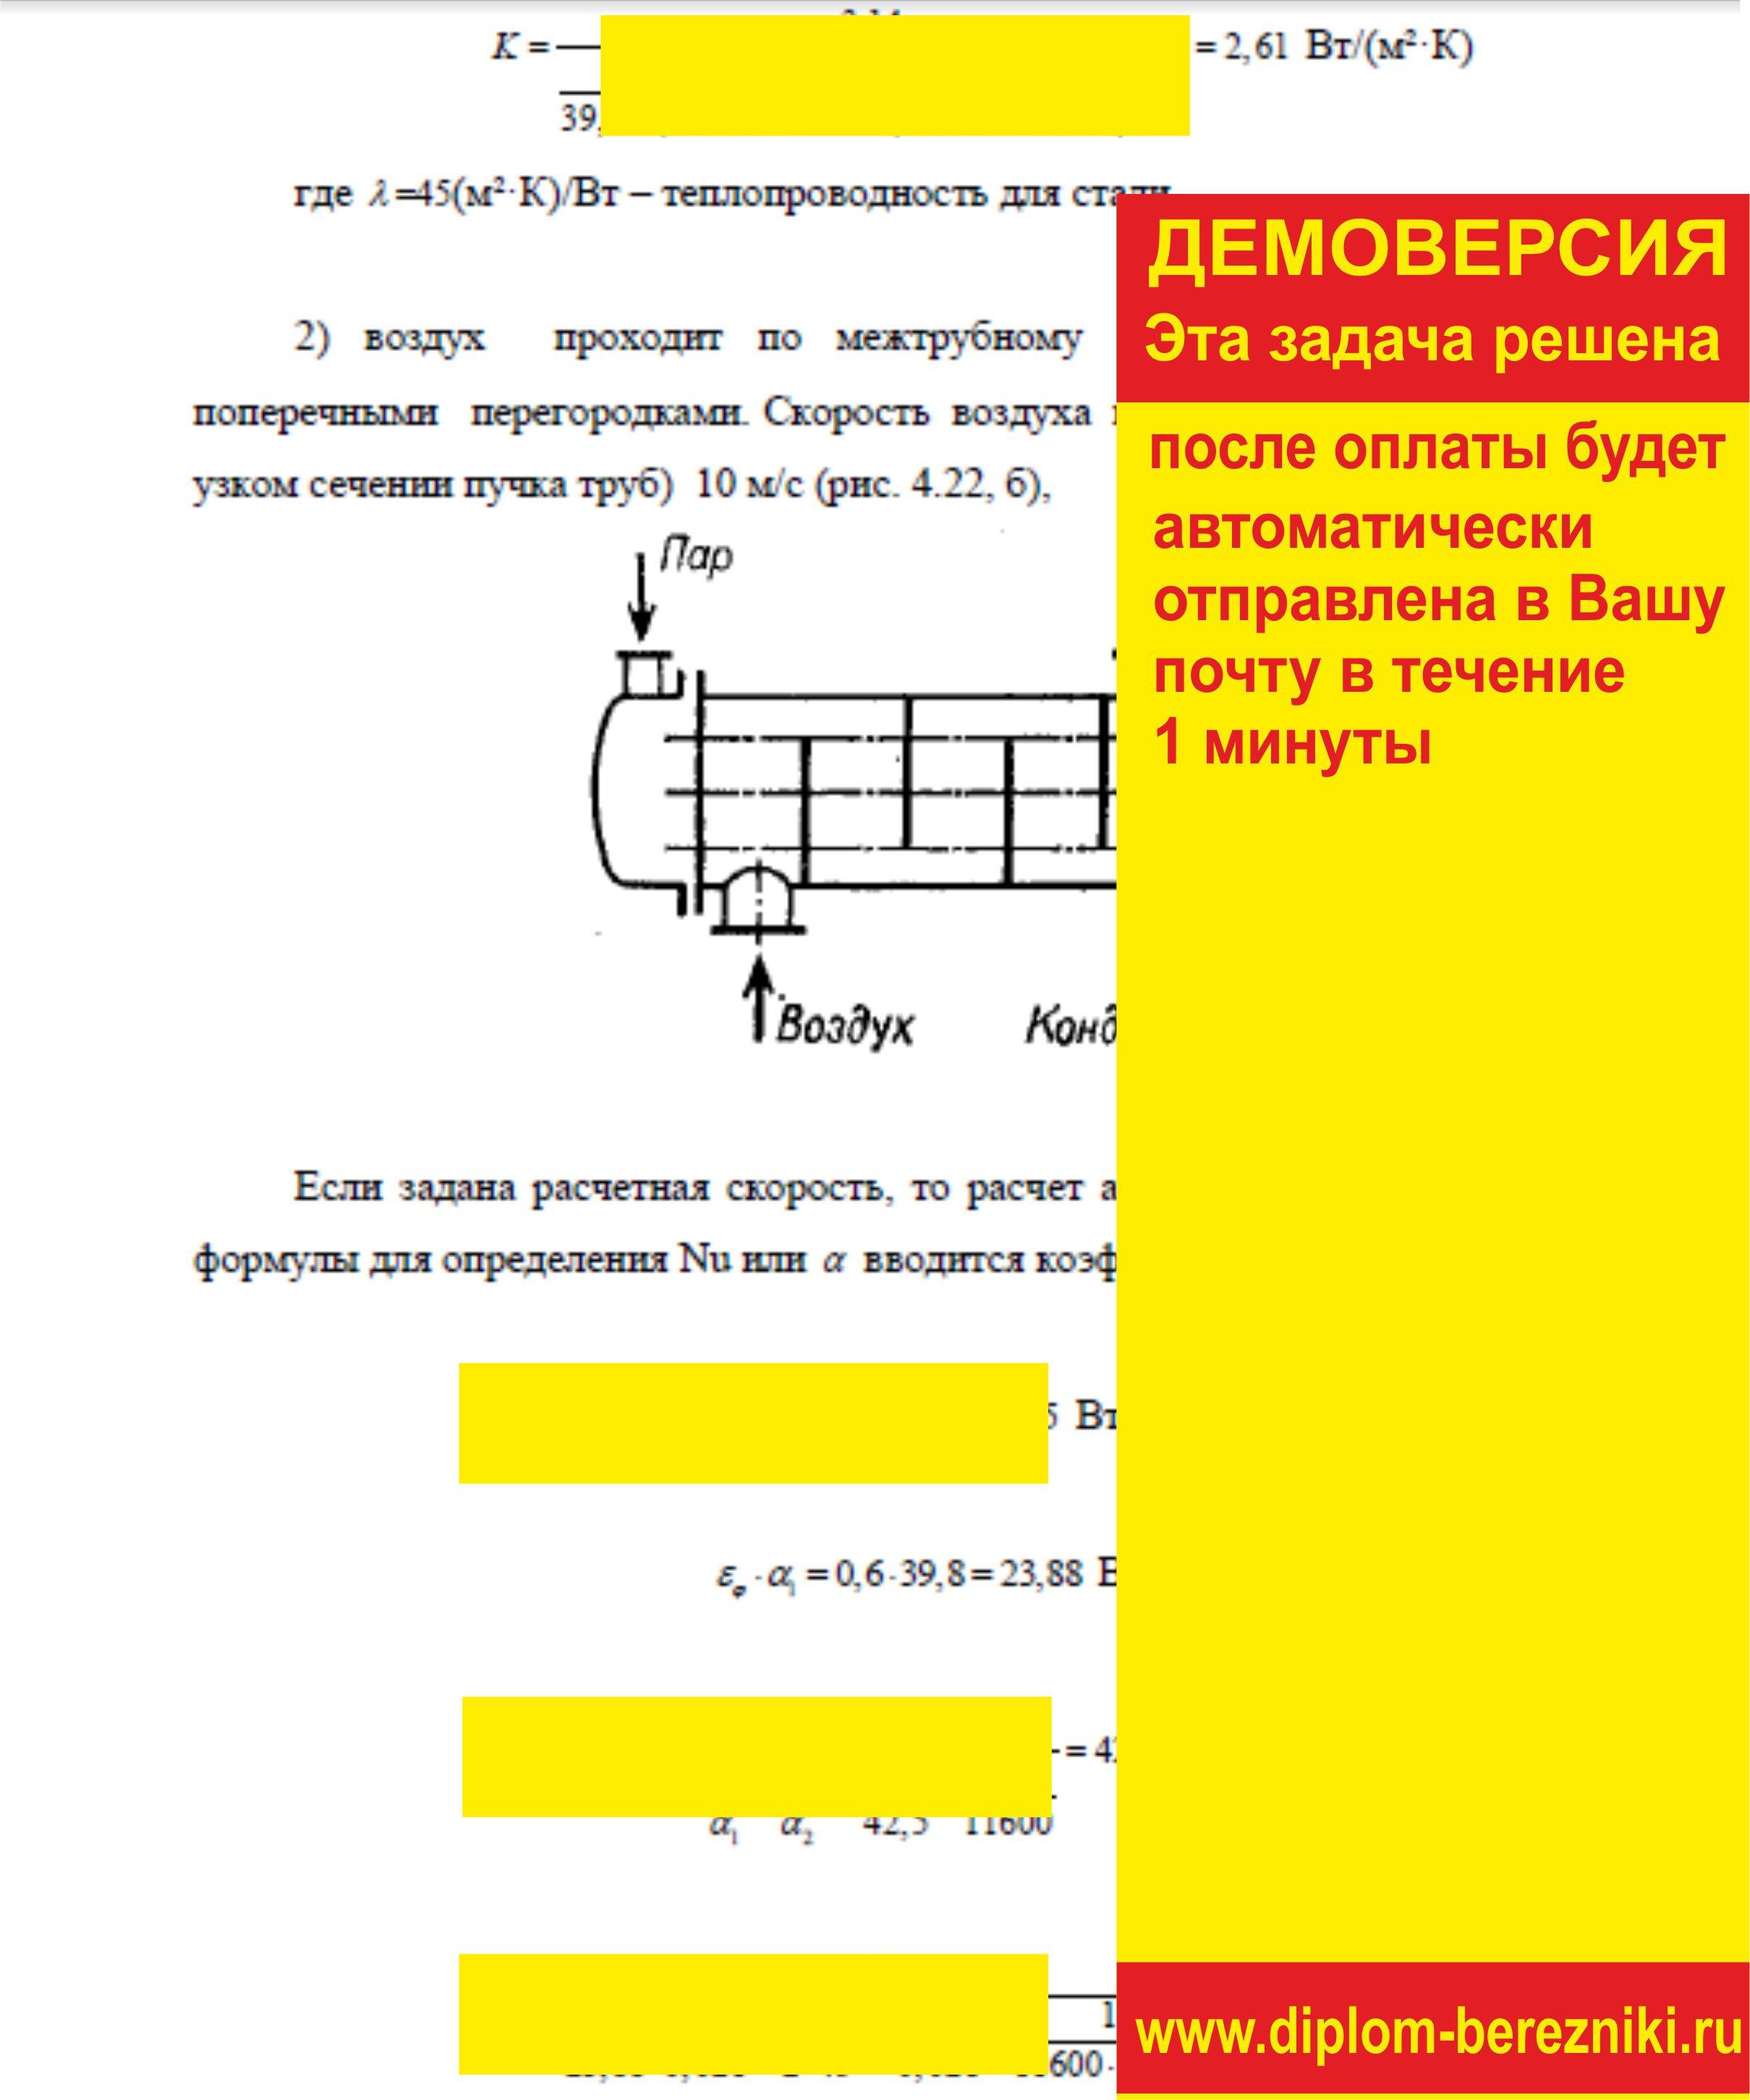 Решение задачи 4.27 по ПАХТ из задачника Павлова Романкова Носкова